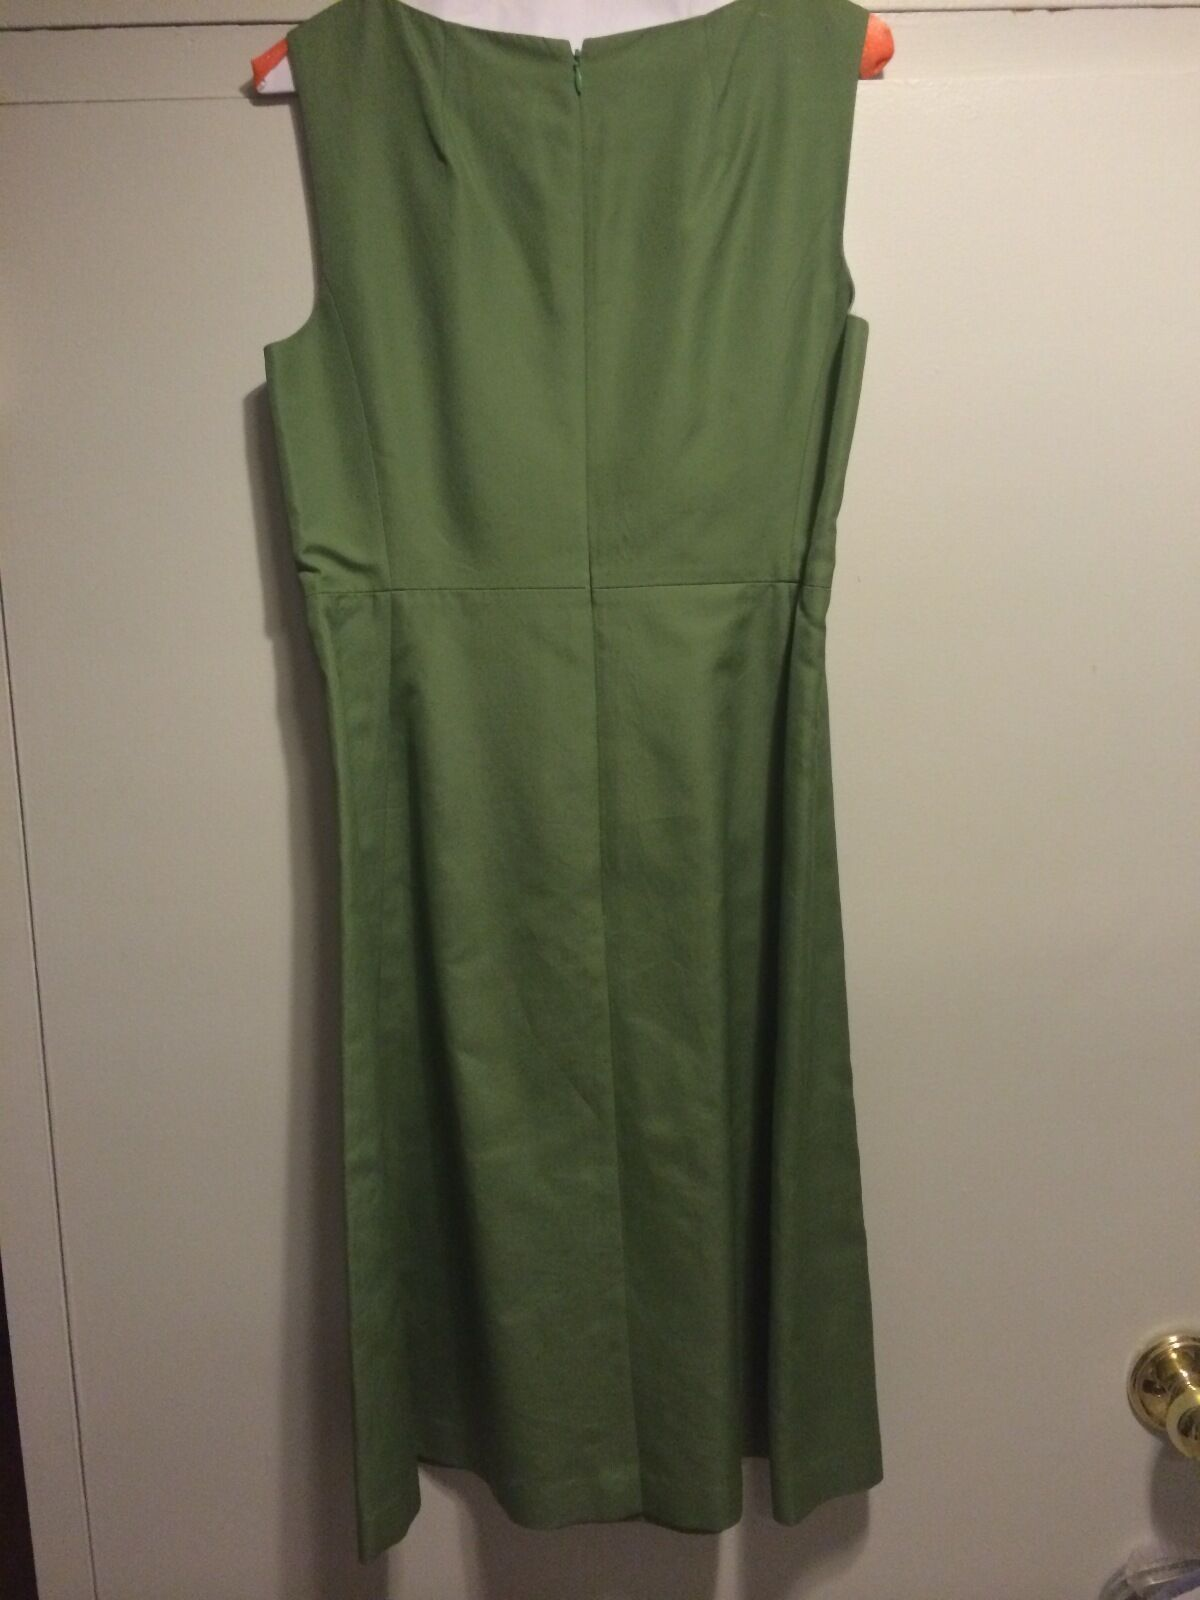 Green J Crew Dress, Dress, Dress, size 8 a96f28